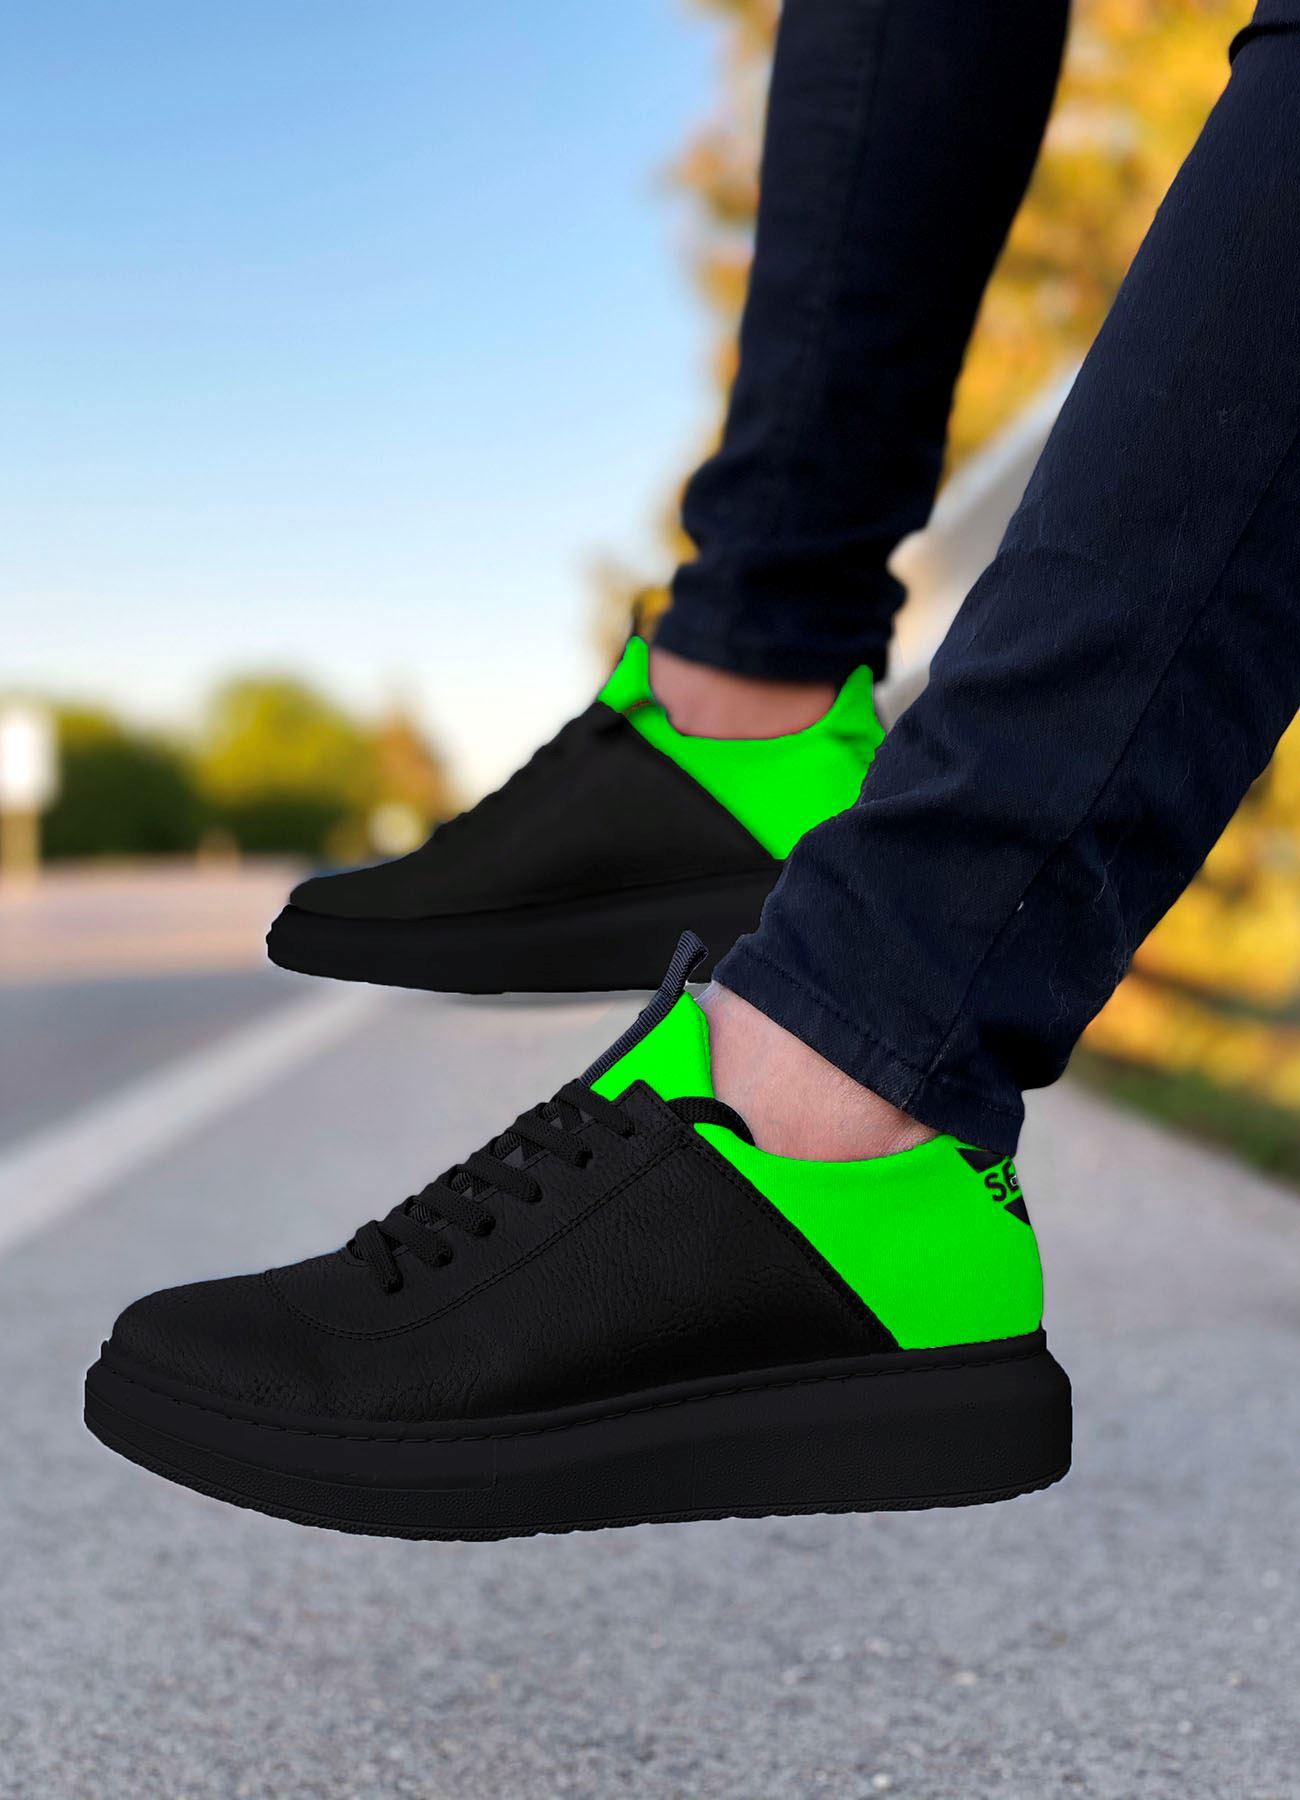 Serenze Neon Yeşil Siyah Erkek Spor Ayakkabı